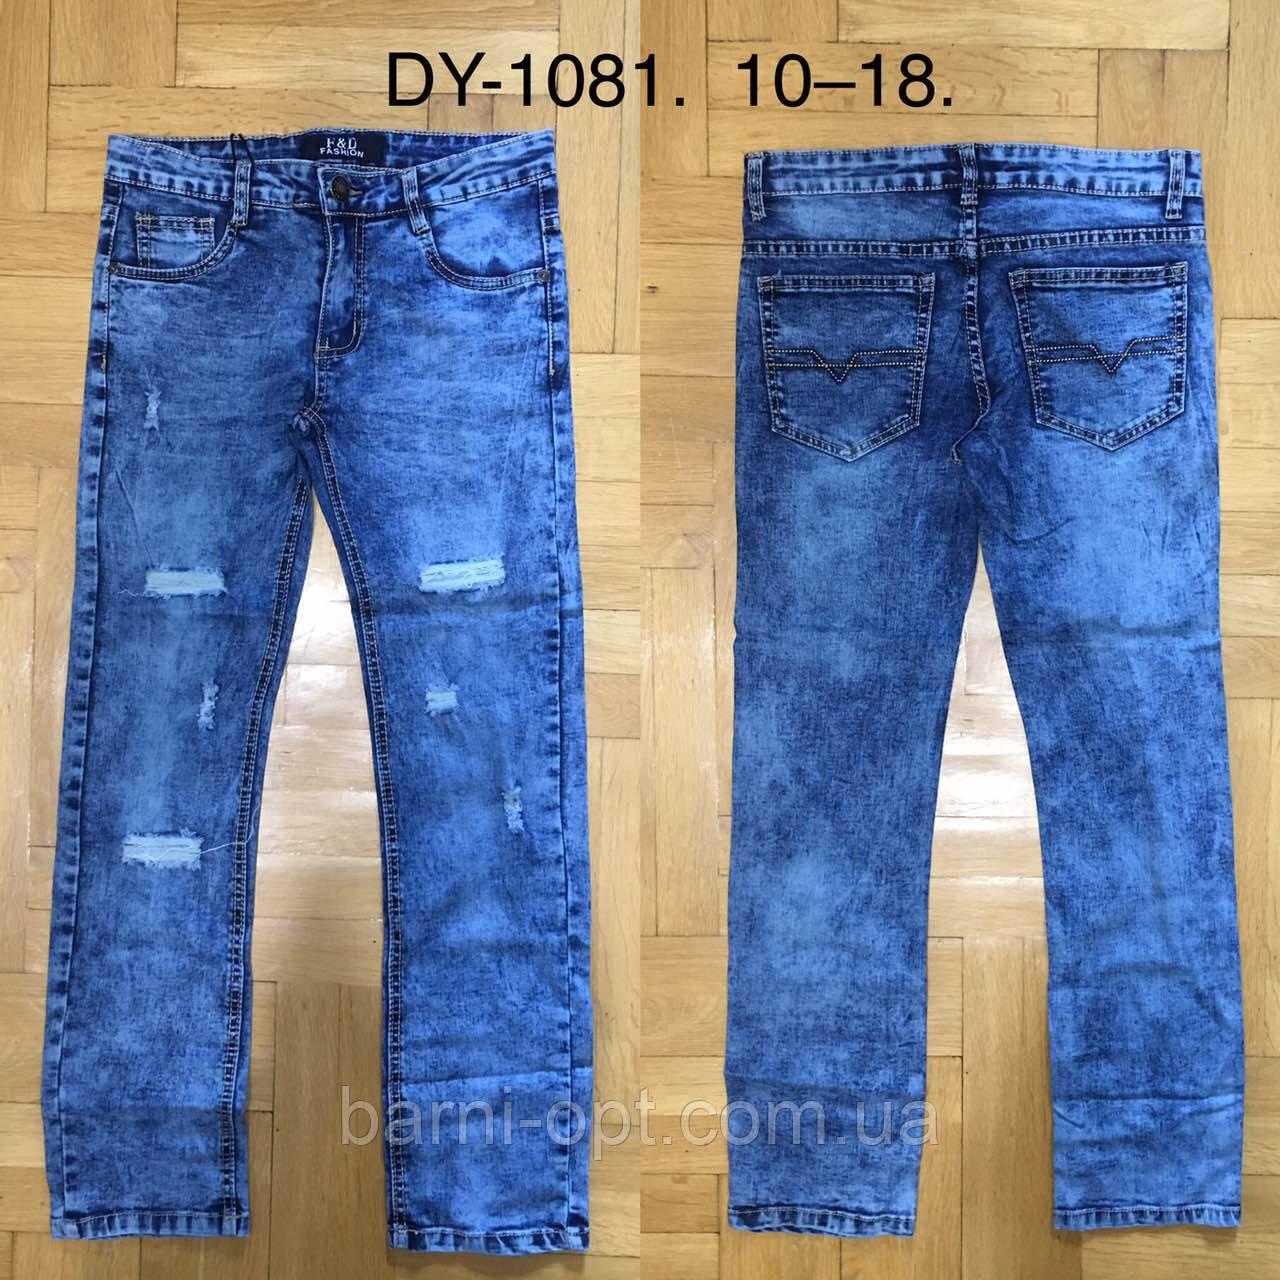 Джинсовые брюки на мальчиков оптом, F&D, 10-18 рр